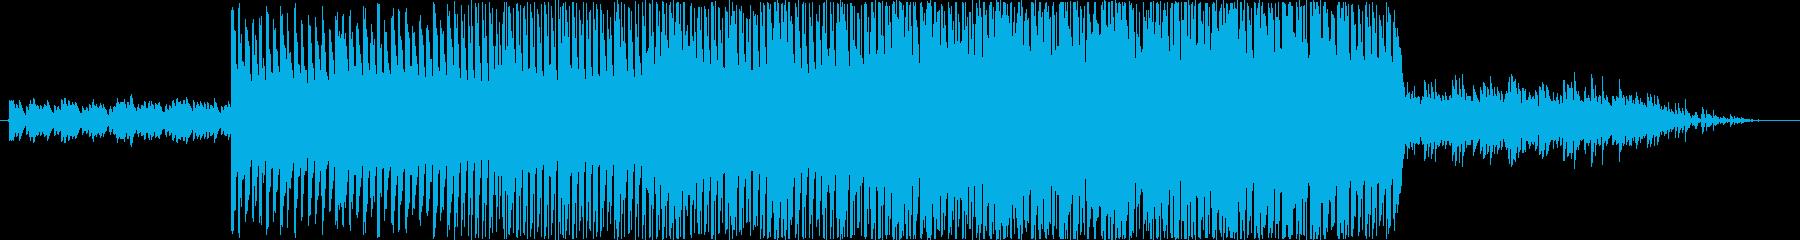 企業VPに最適な自然で前向きなBGMの再生済みの波形